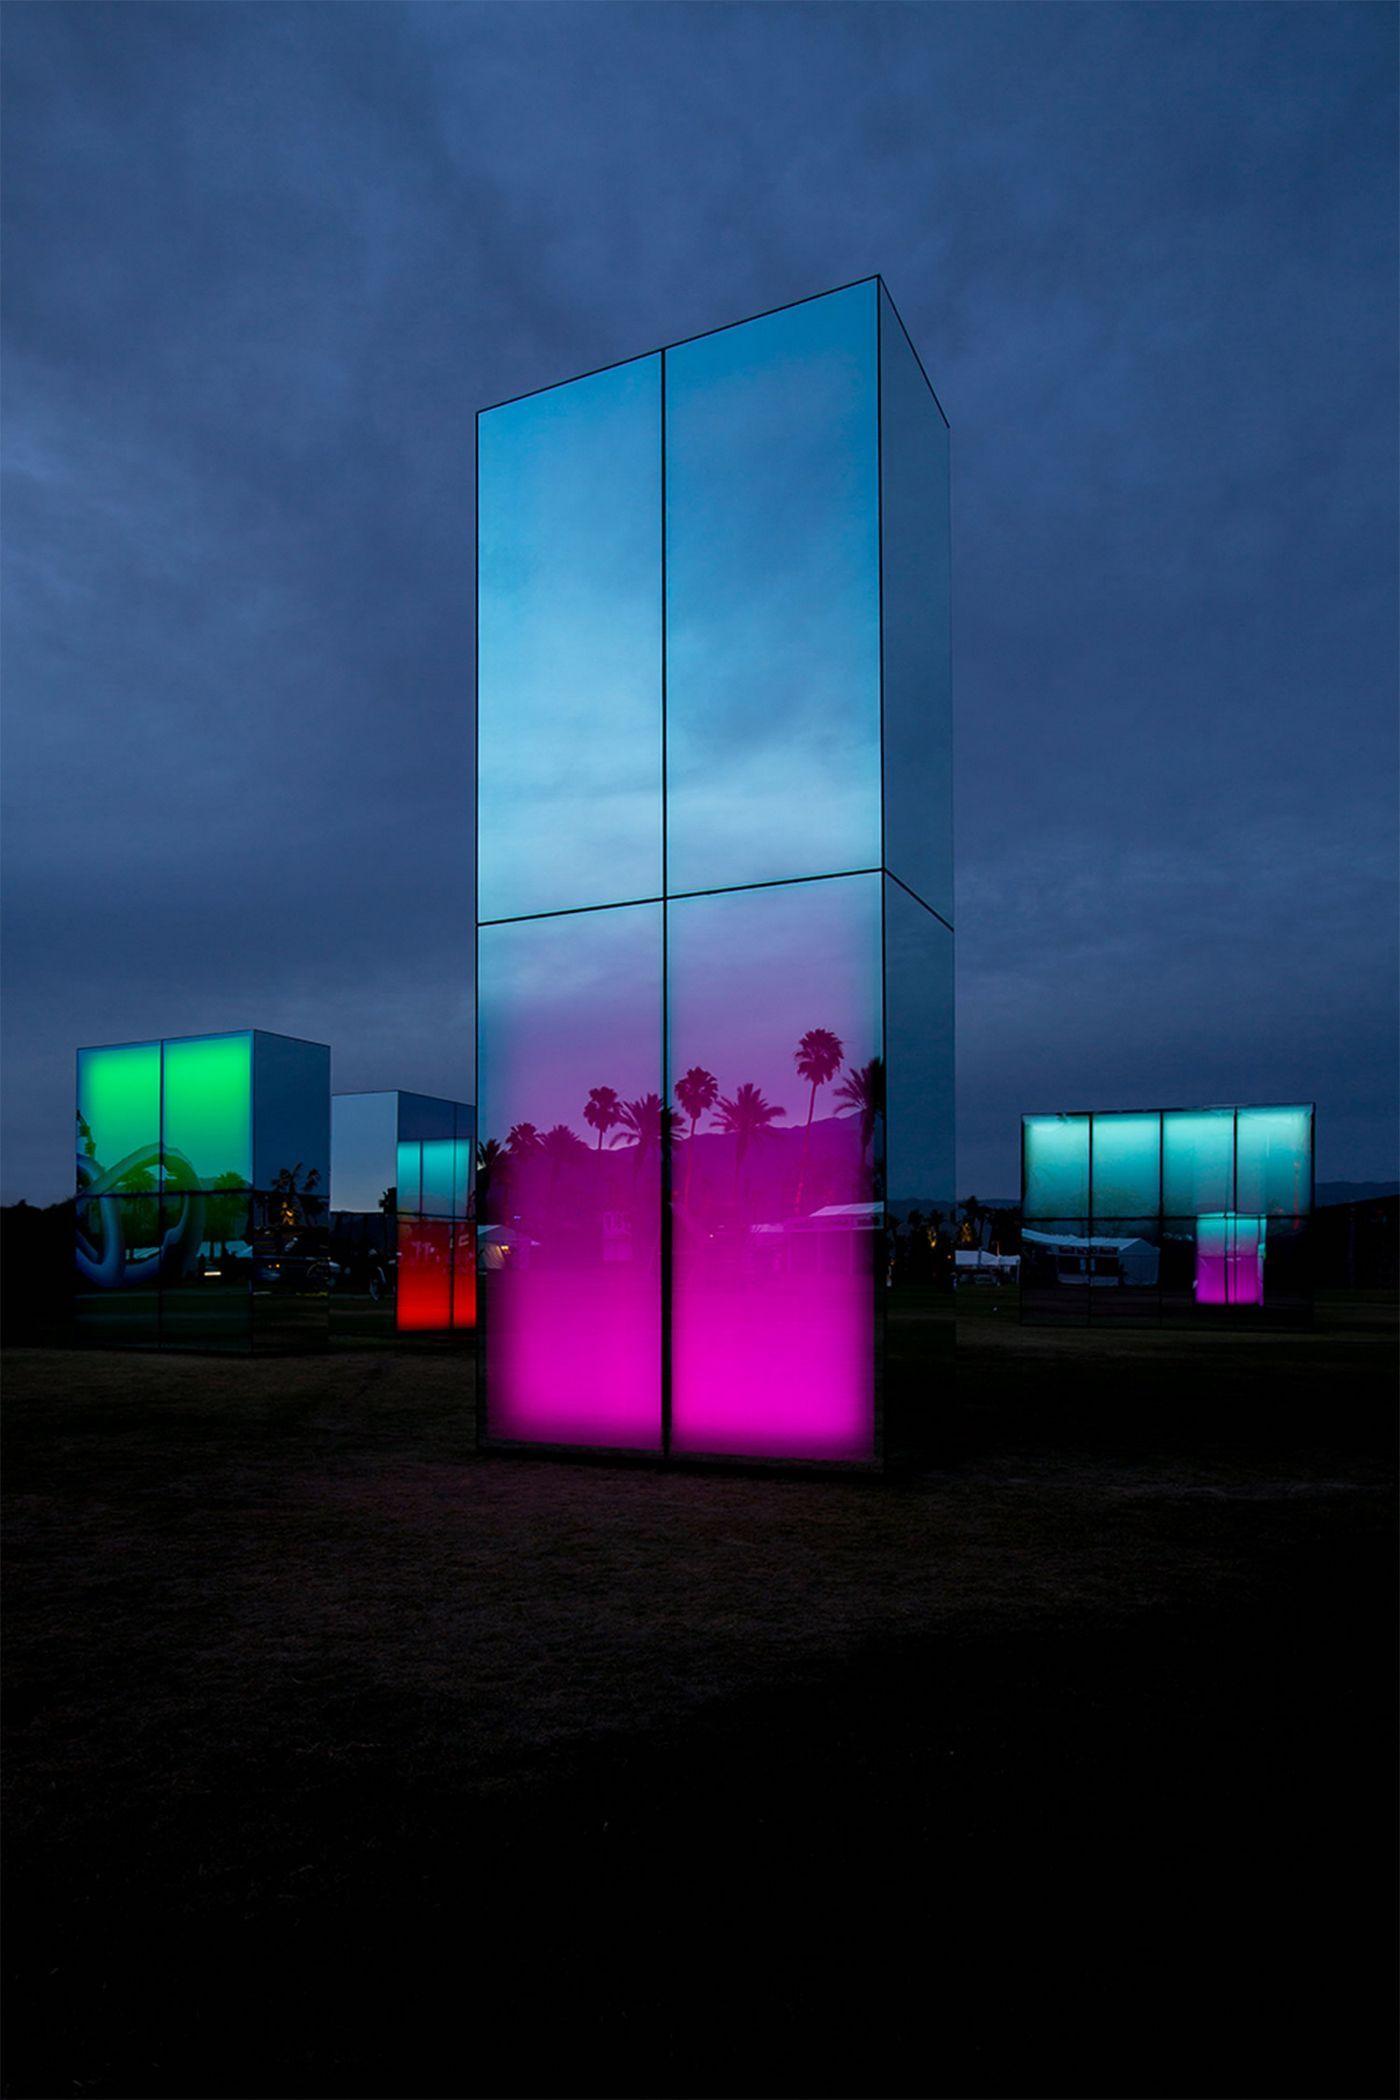 Lust for light è il libro che racconta la luce nell'arte contemporanea | Collater.al